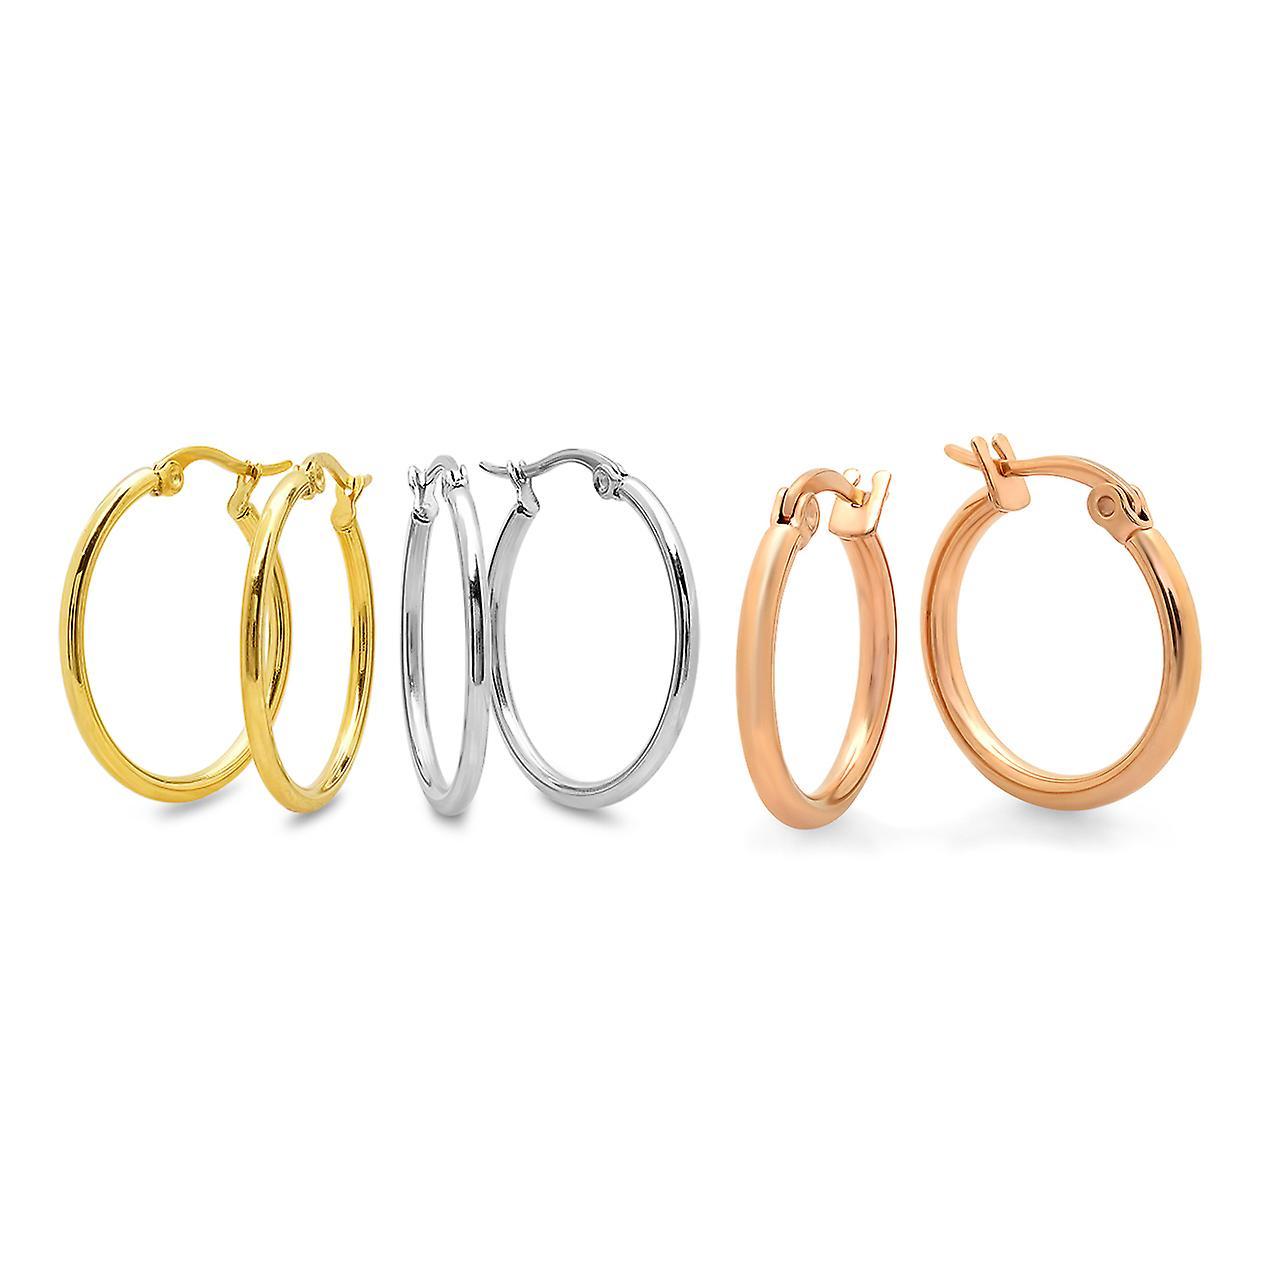 Ladies Set Of 3 Mini Hoop Earrings